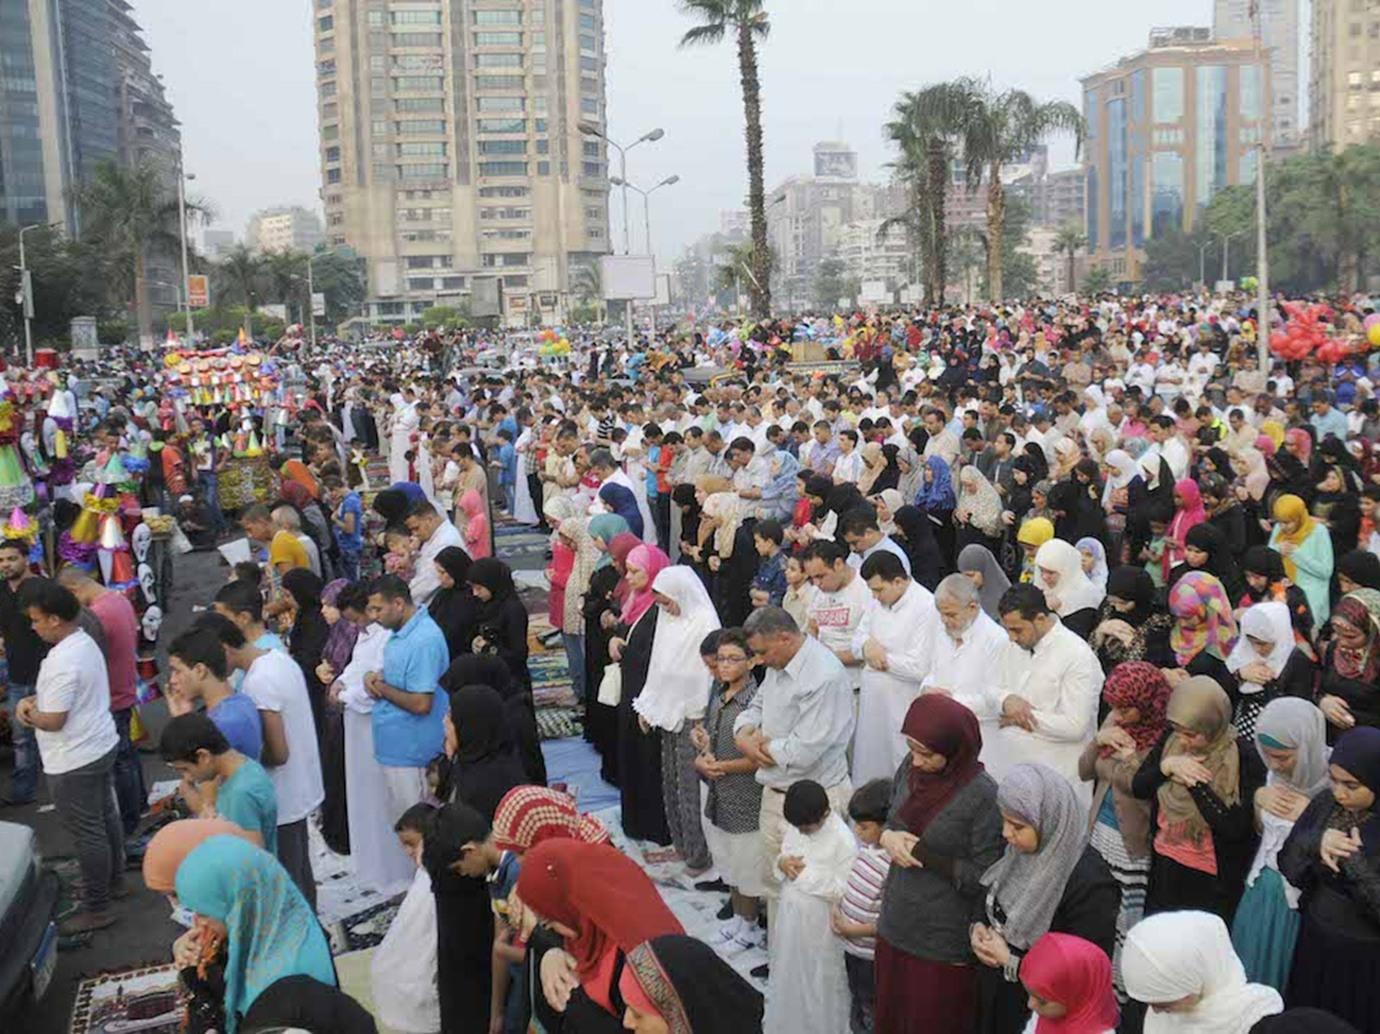 الحكومة المصرية تعلن قواعد وضوابط صلاة عيد الأضحى 2020 وتوضيح حول عودة صلاة الجمعة